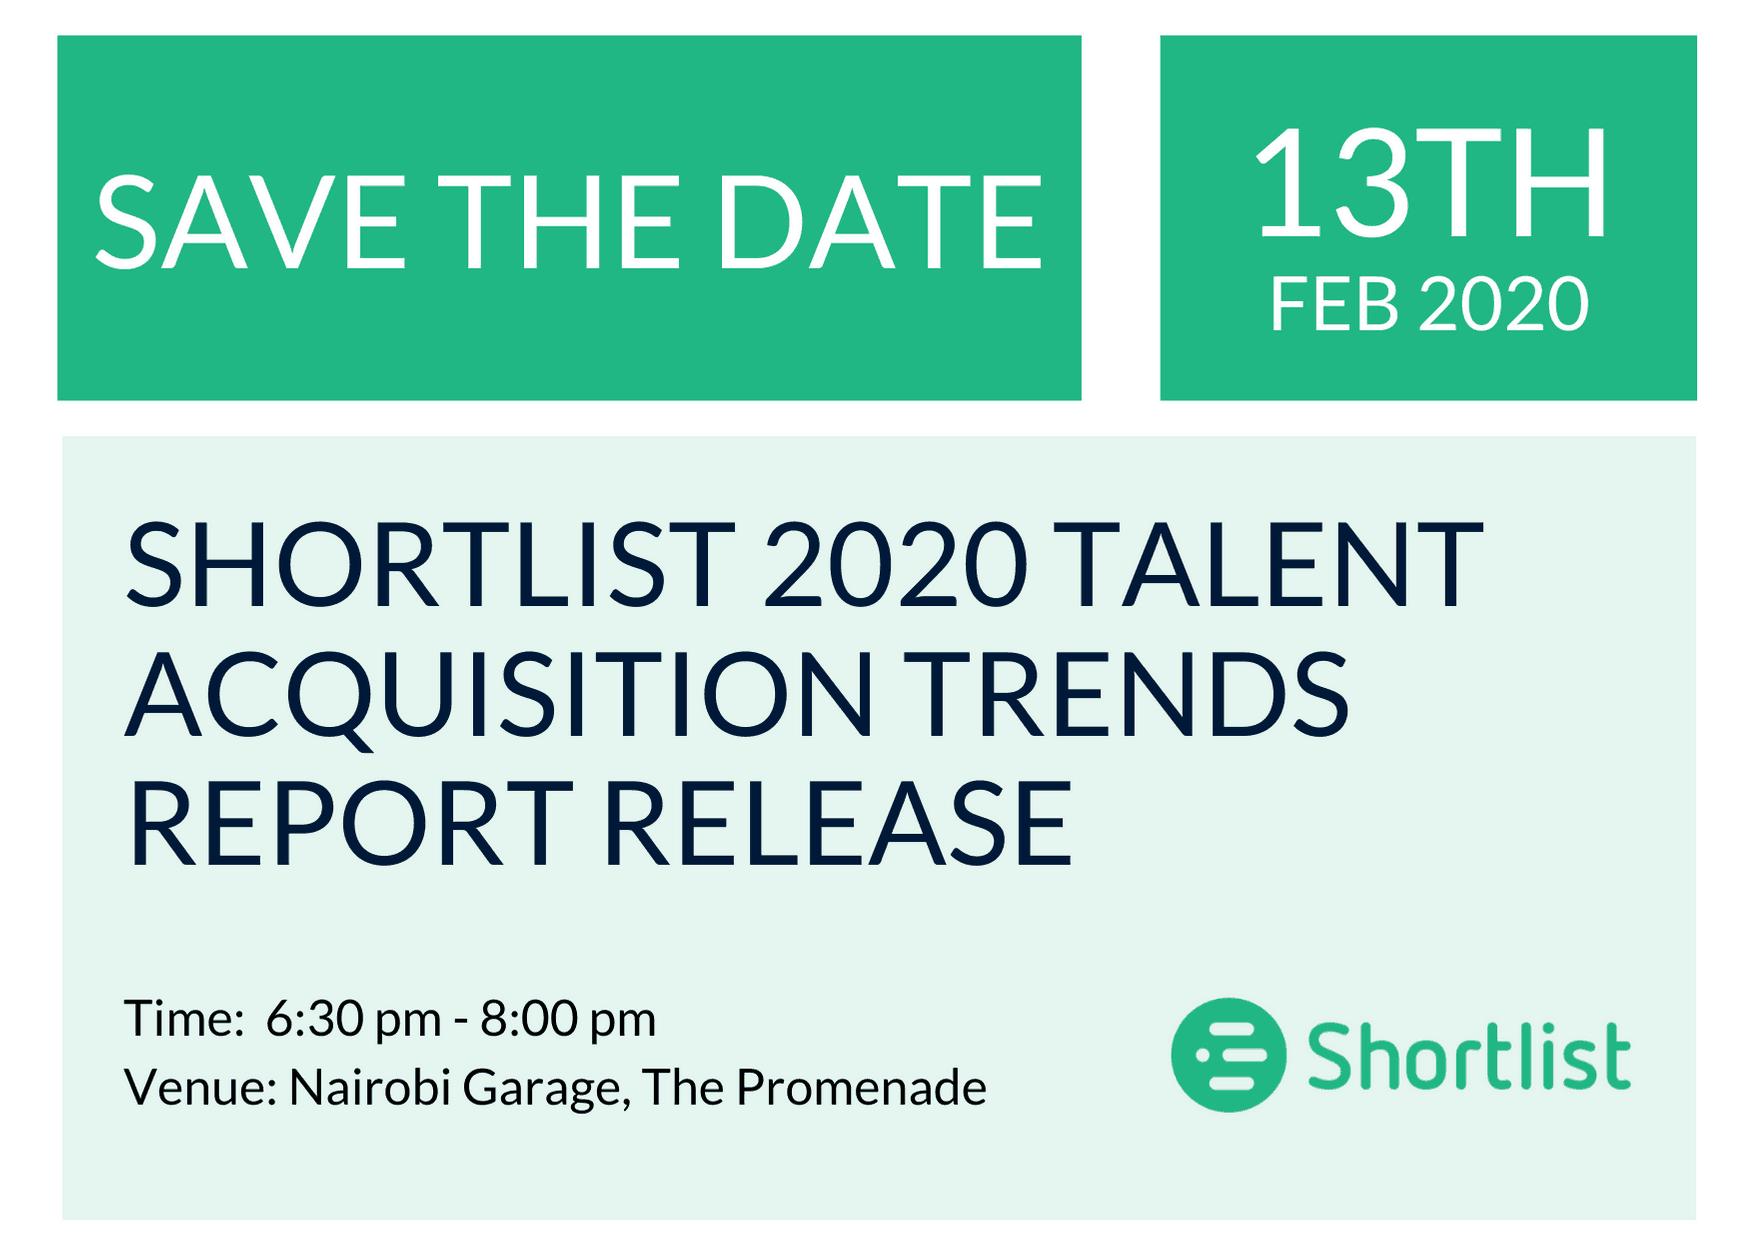 Talent Acquisition Trends